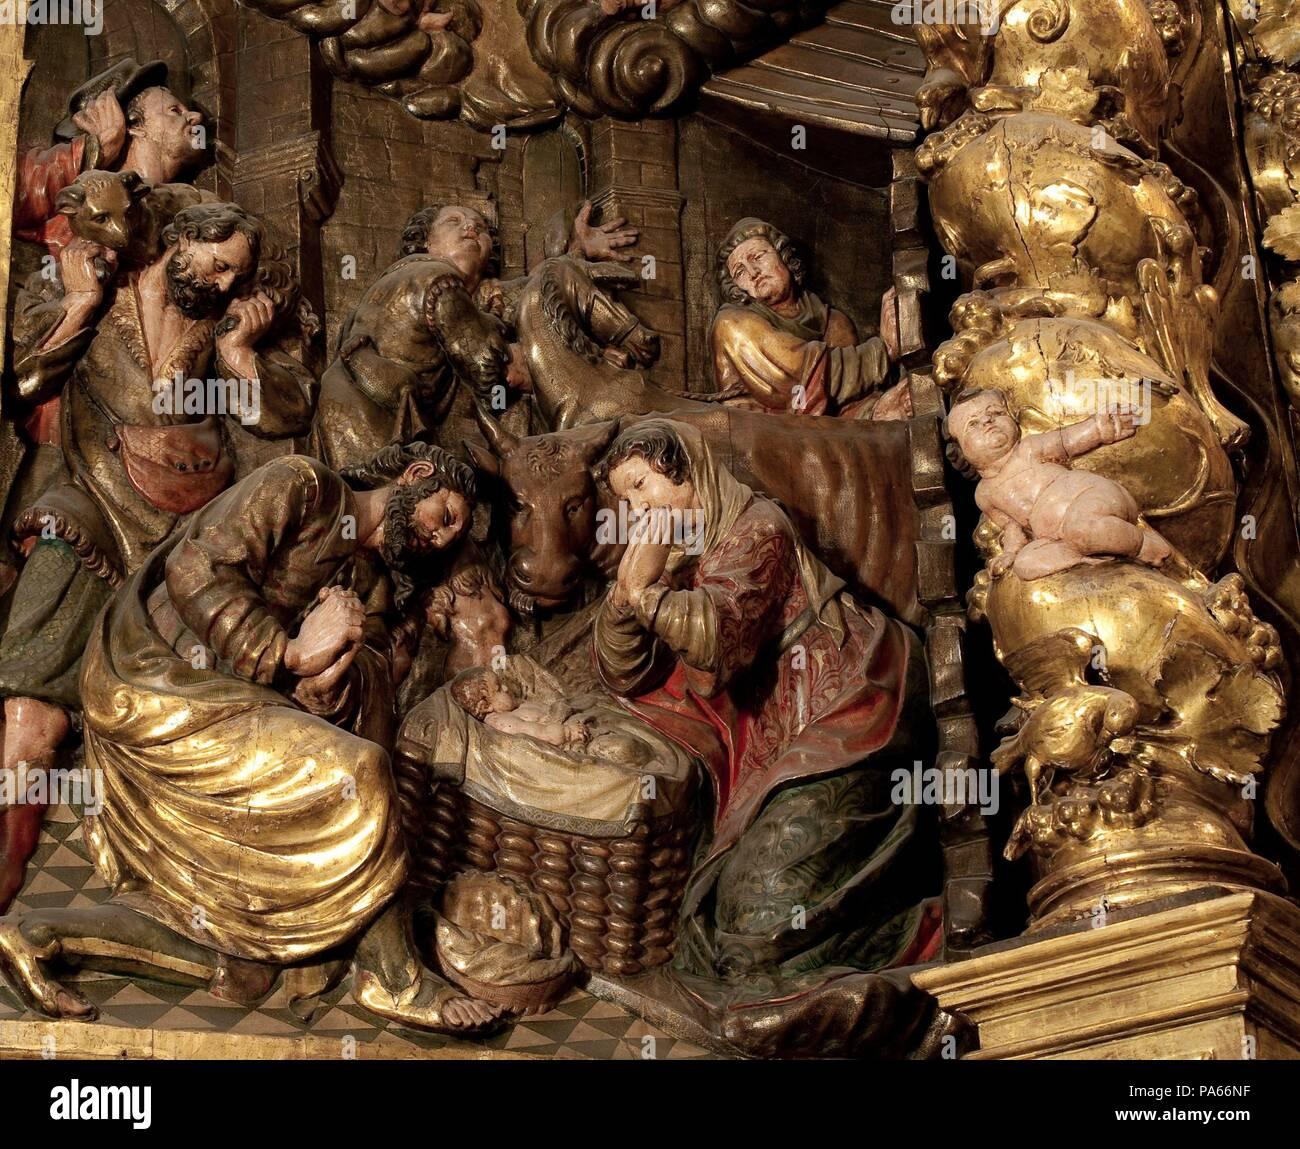 Fotos De El Pesebre De Jesus.Antoni Y Maria Riera Lluis Bonifas Nacimiento De Jesus